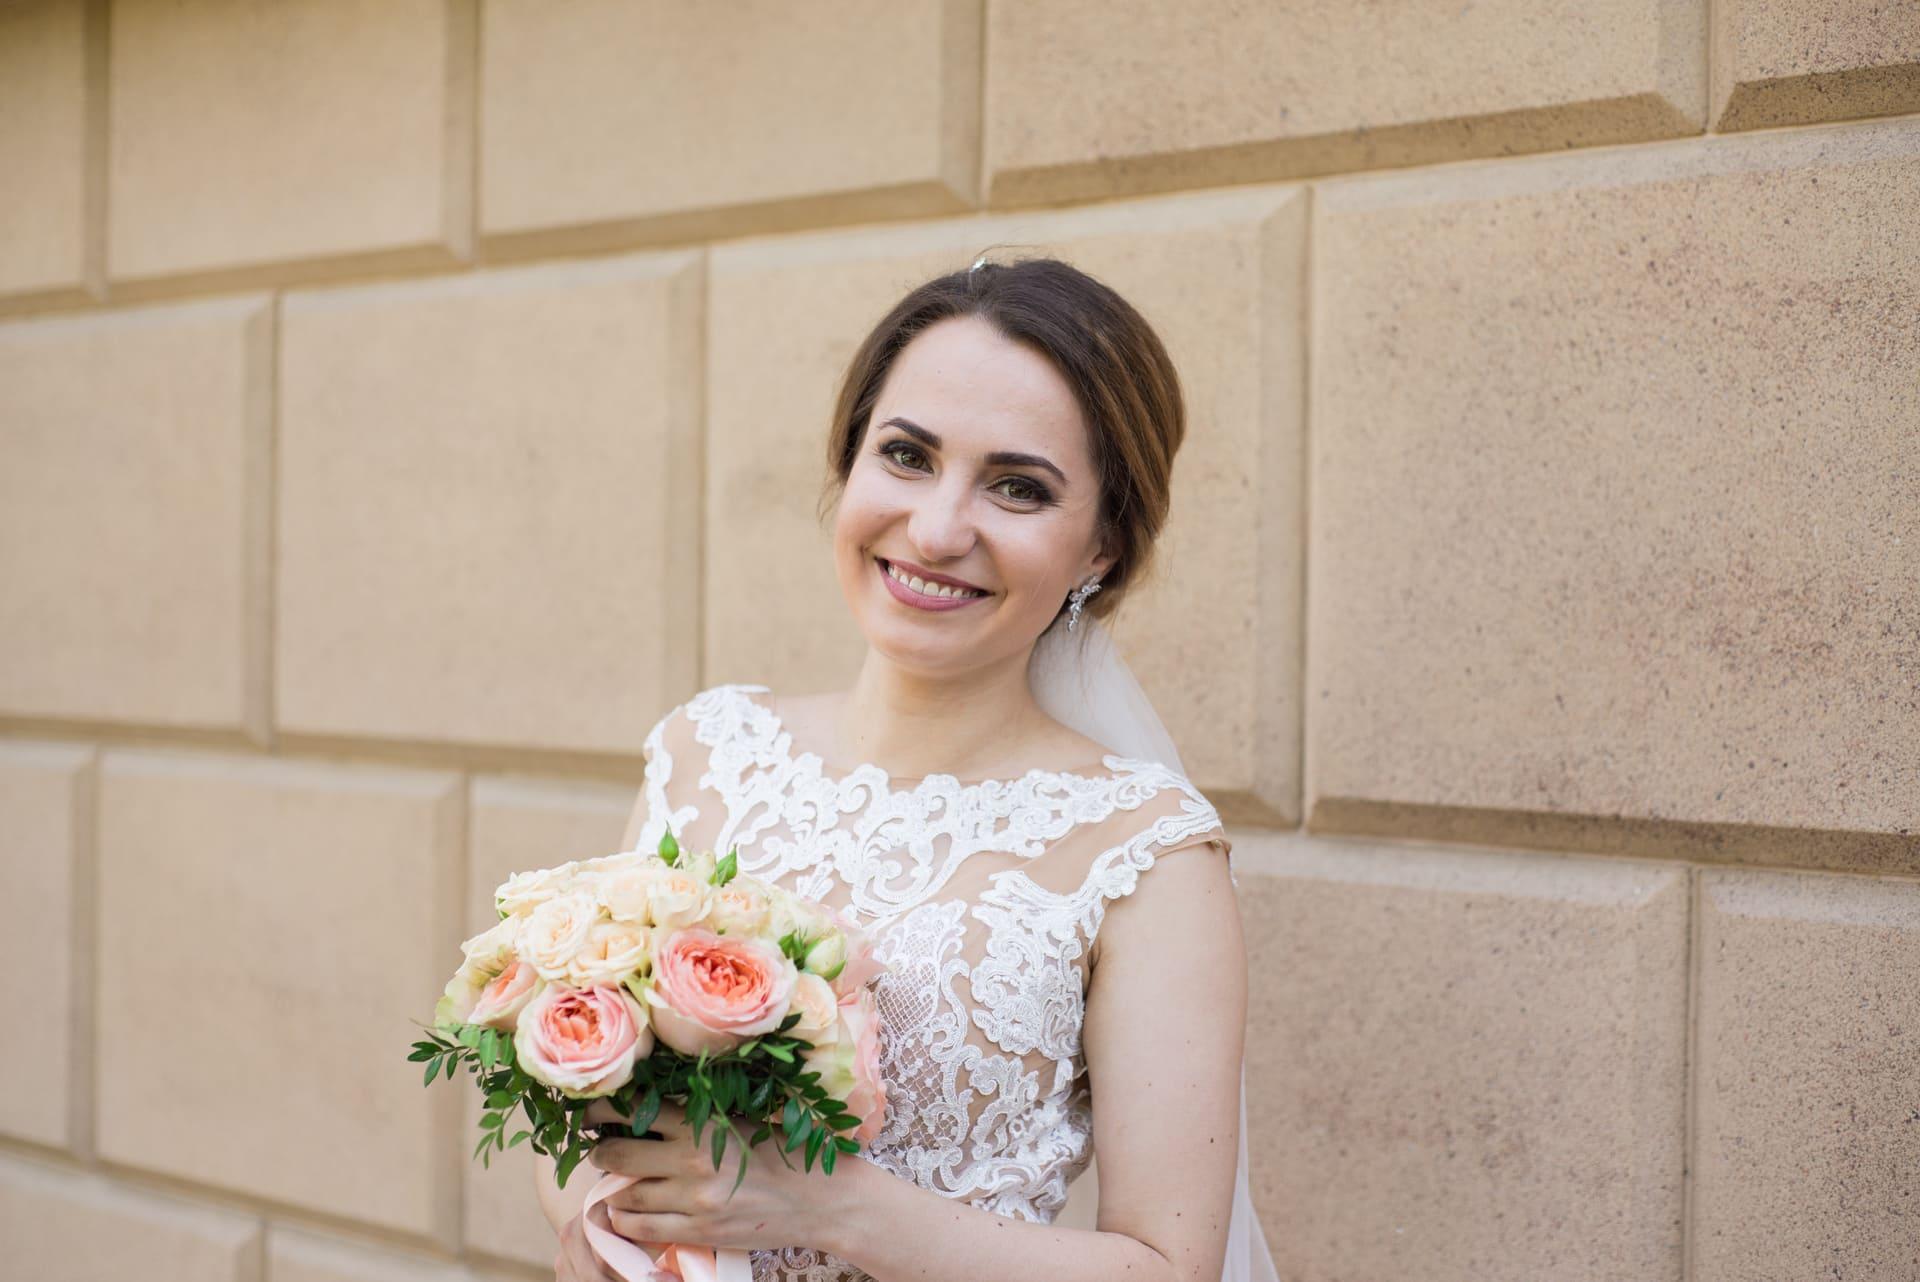 Свадебная фотосессия в Межигорье: Невеста улыбается фотографу